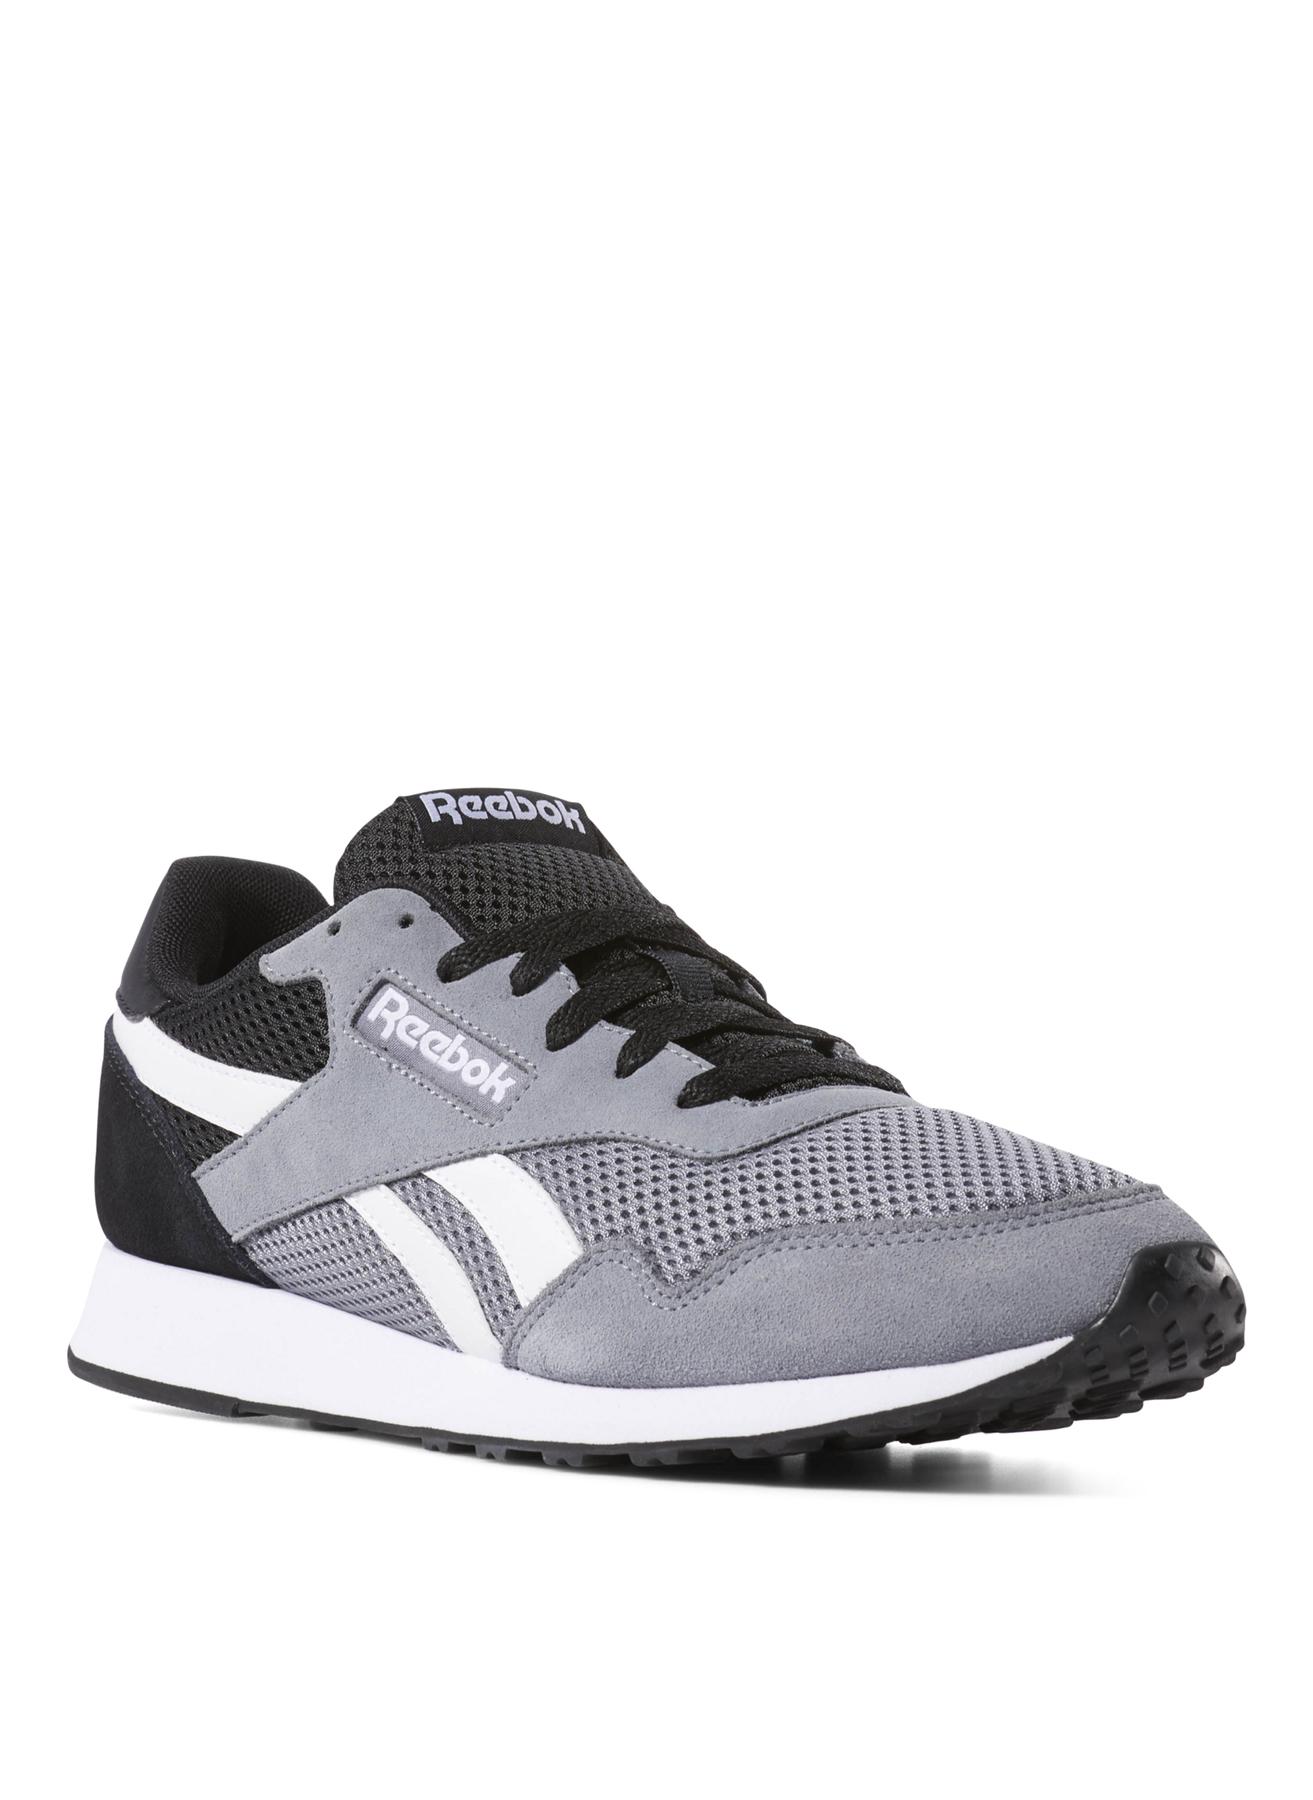 Reebok Lifestyle Ayakkabı 40 5002359622001 Ürün Resmi